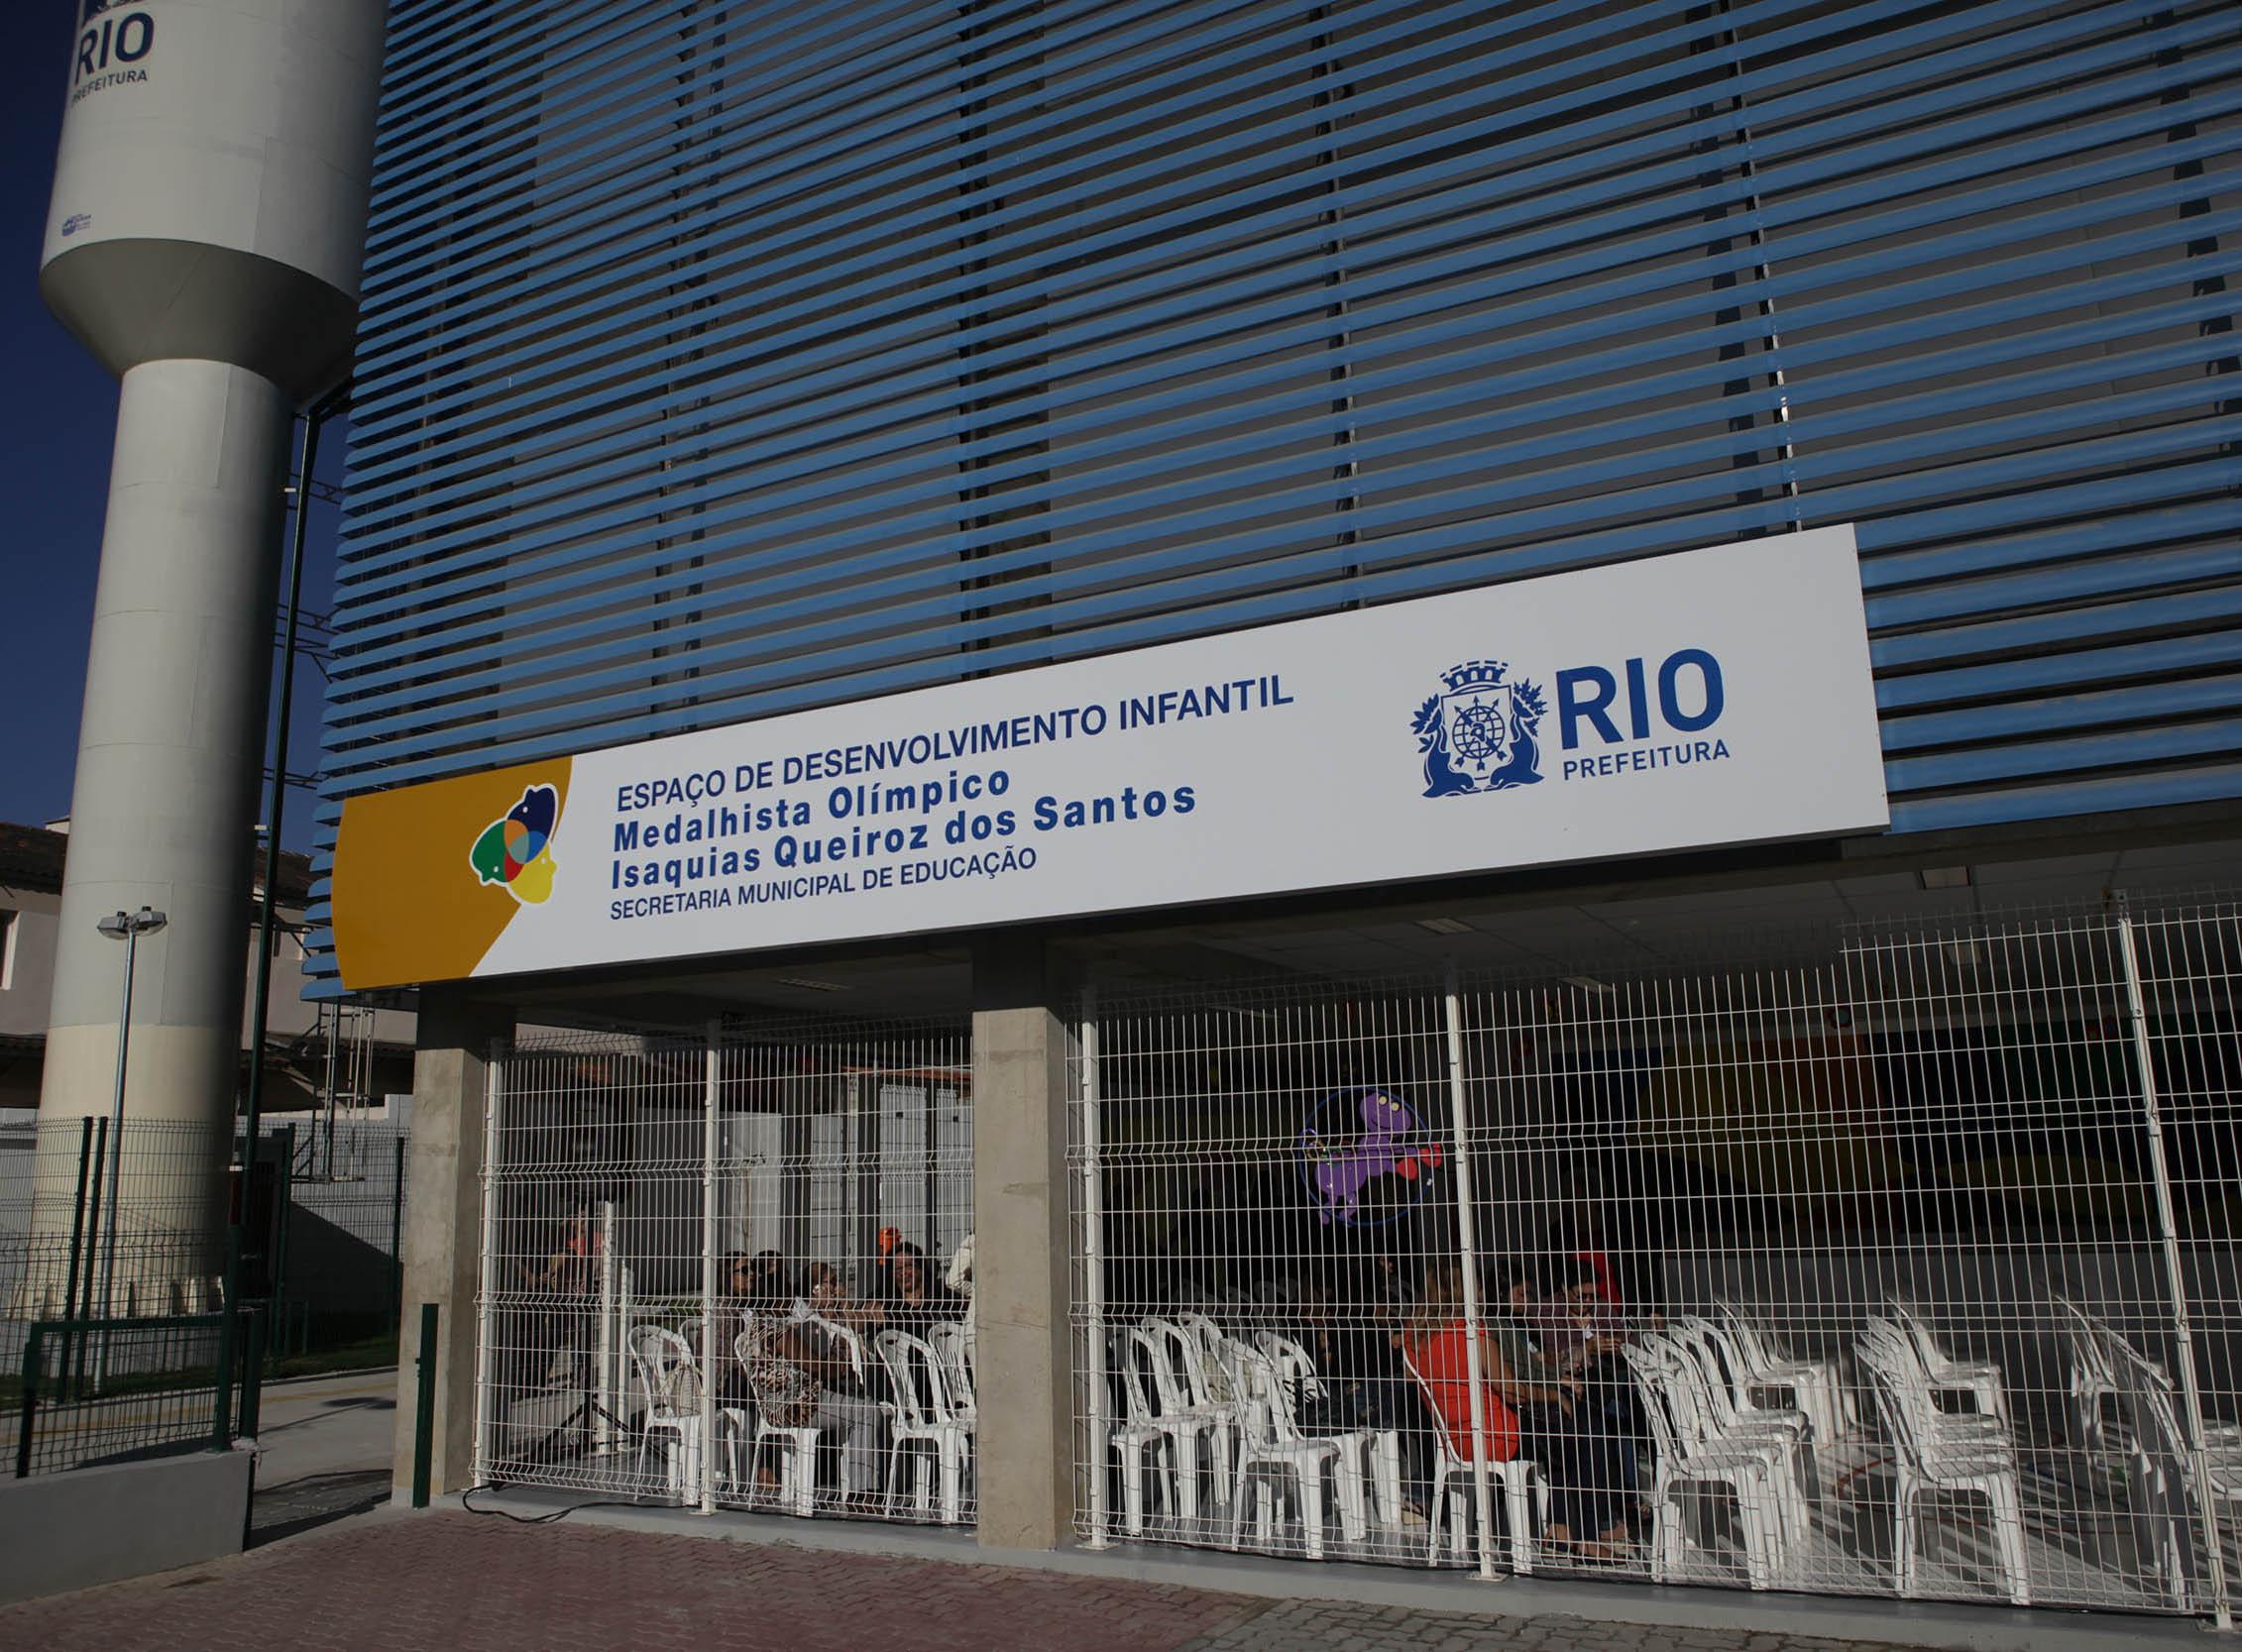 Prefeitura entrega duas Escolas do Amanhã na Zona Oeste com nomes de medalhistas olímpicos